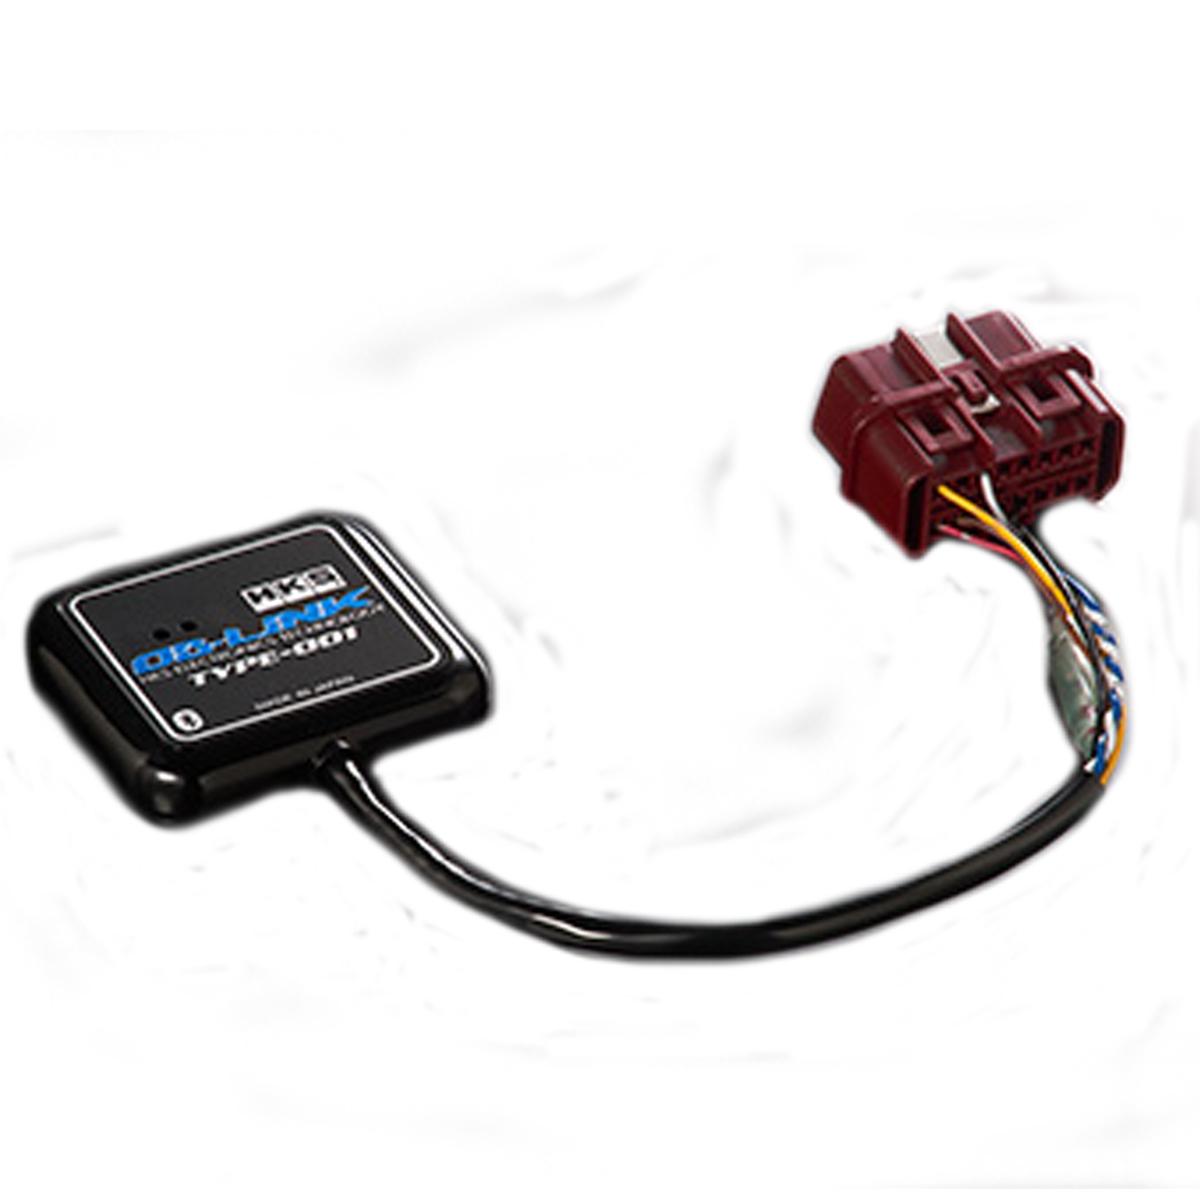 マーク2 モニター OBリンク タイプ 001 GX100 HKS 44009-AK002 エレクトリニクス 個人宅発送追金有